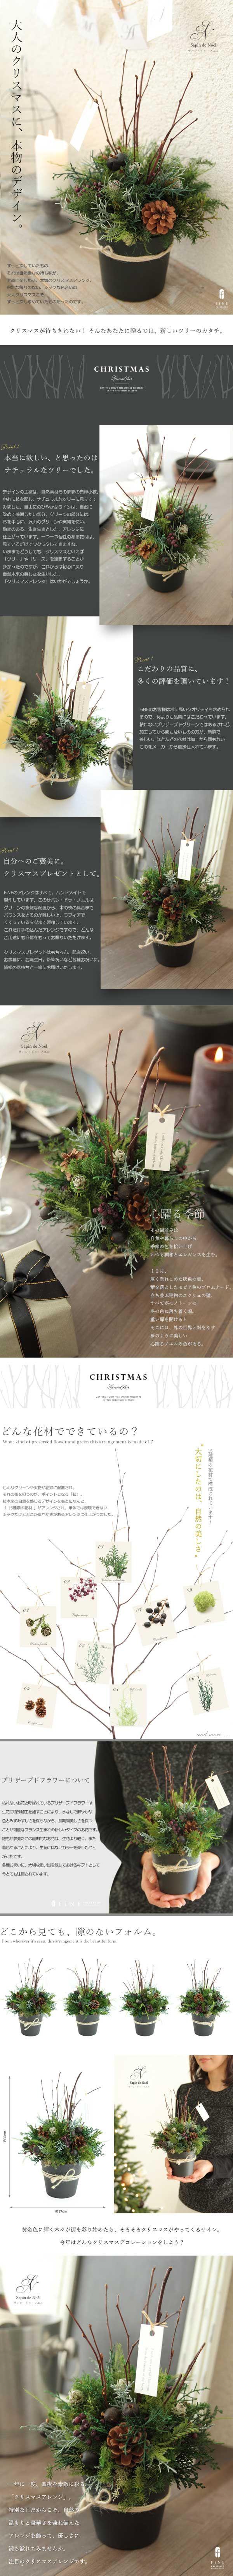 大人のクリスマスに、本物のデザイン。。クリスマスツリー 大人のクリスマスに、サパン・ドゥ・ノエル【15時迄の注文であす楽】【送料無料】クリスマス プレゼント インテリアグリーン ギフト クリスマスツリー 枯れない観葉植物 クリスマス飾り 店舗ディスプレイ【有料バッグ:L対応】